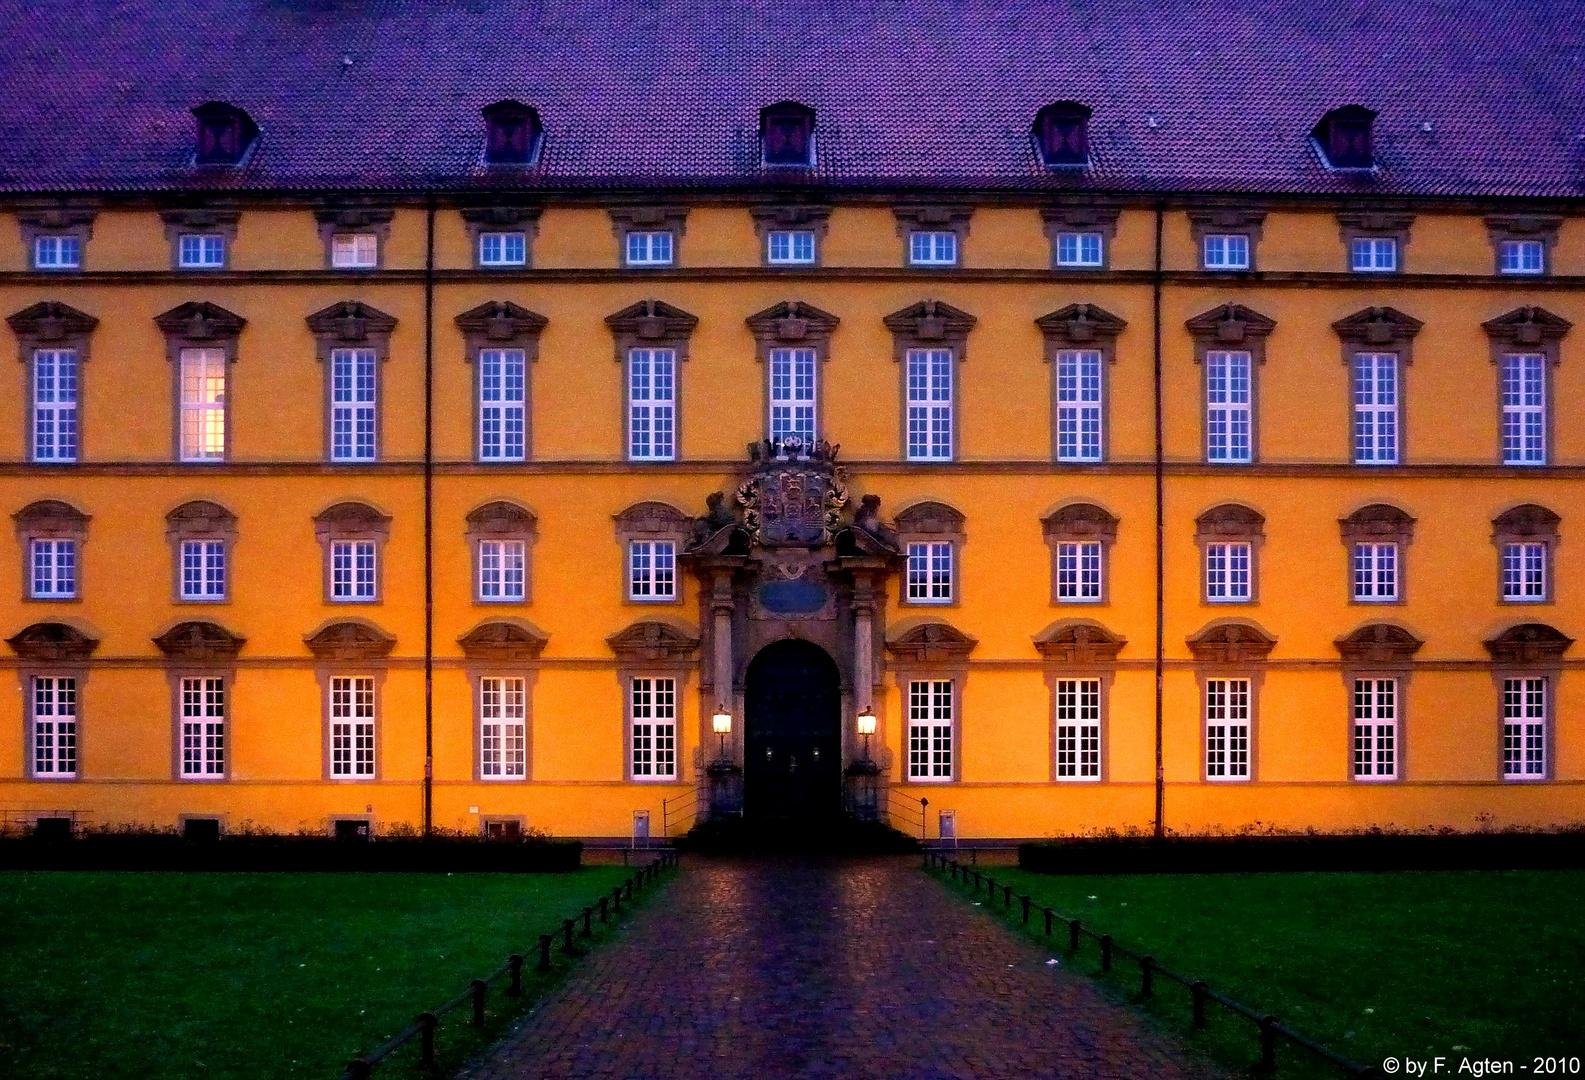 Fassade des Schlosses in Osnabrück